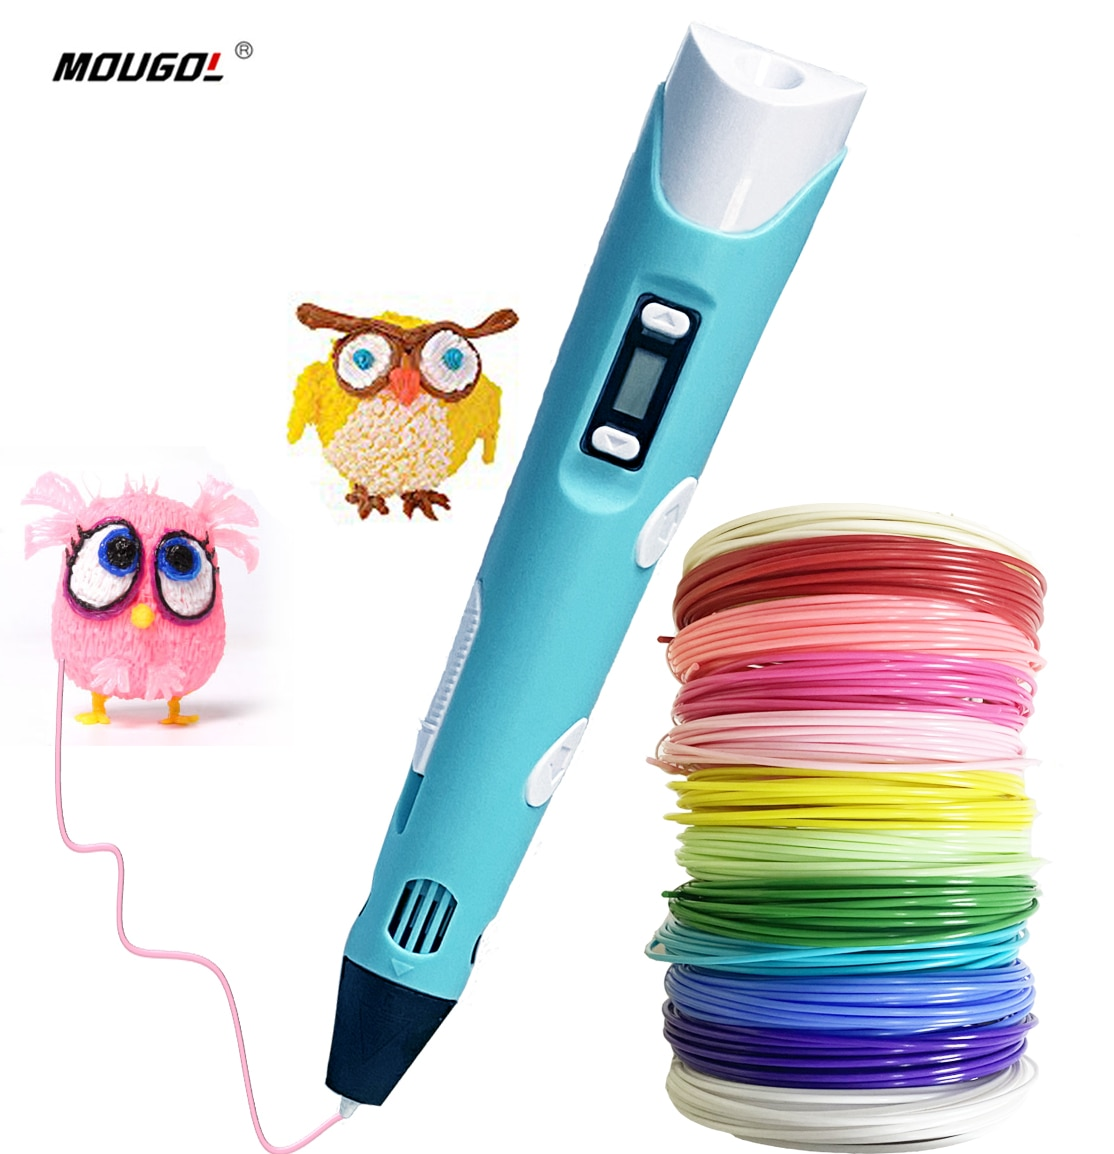 3d-ручка для печати и рисования, устройство для 3d-печати с OLED-дисплеем, 12 цветов пла/АБС-пластика, принтер для детей/взрослых, креативный дизай...